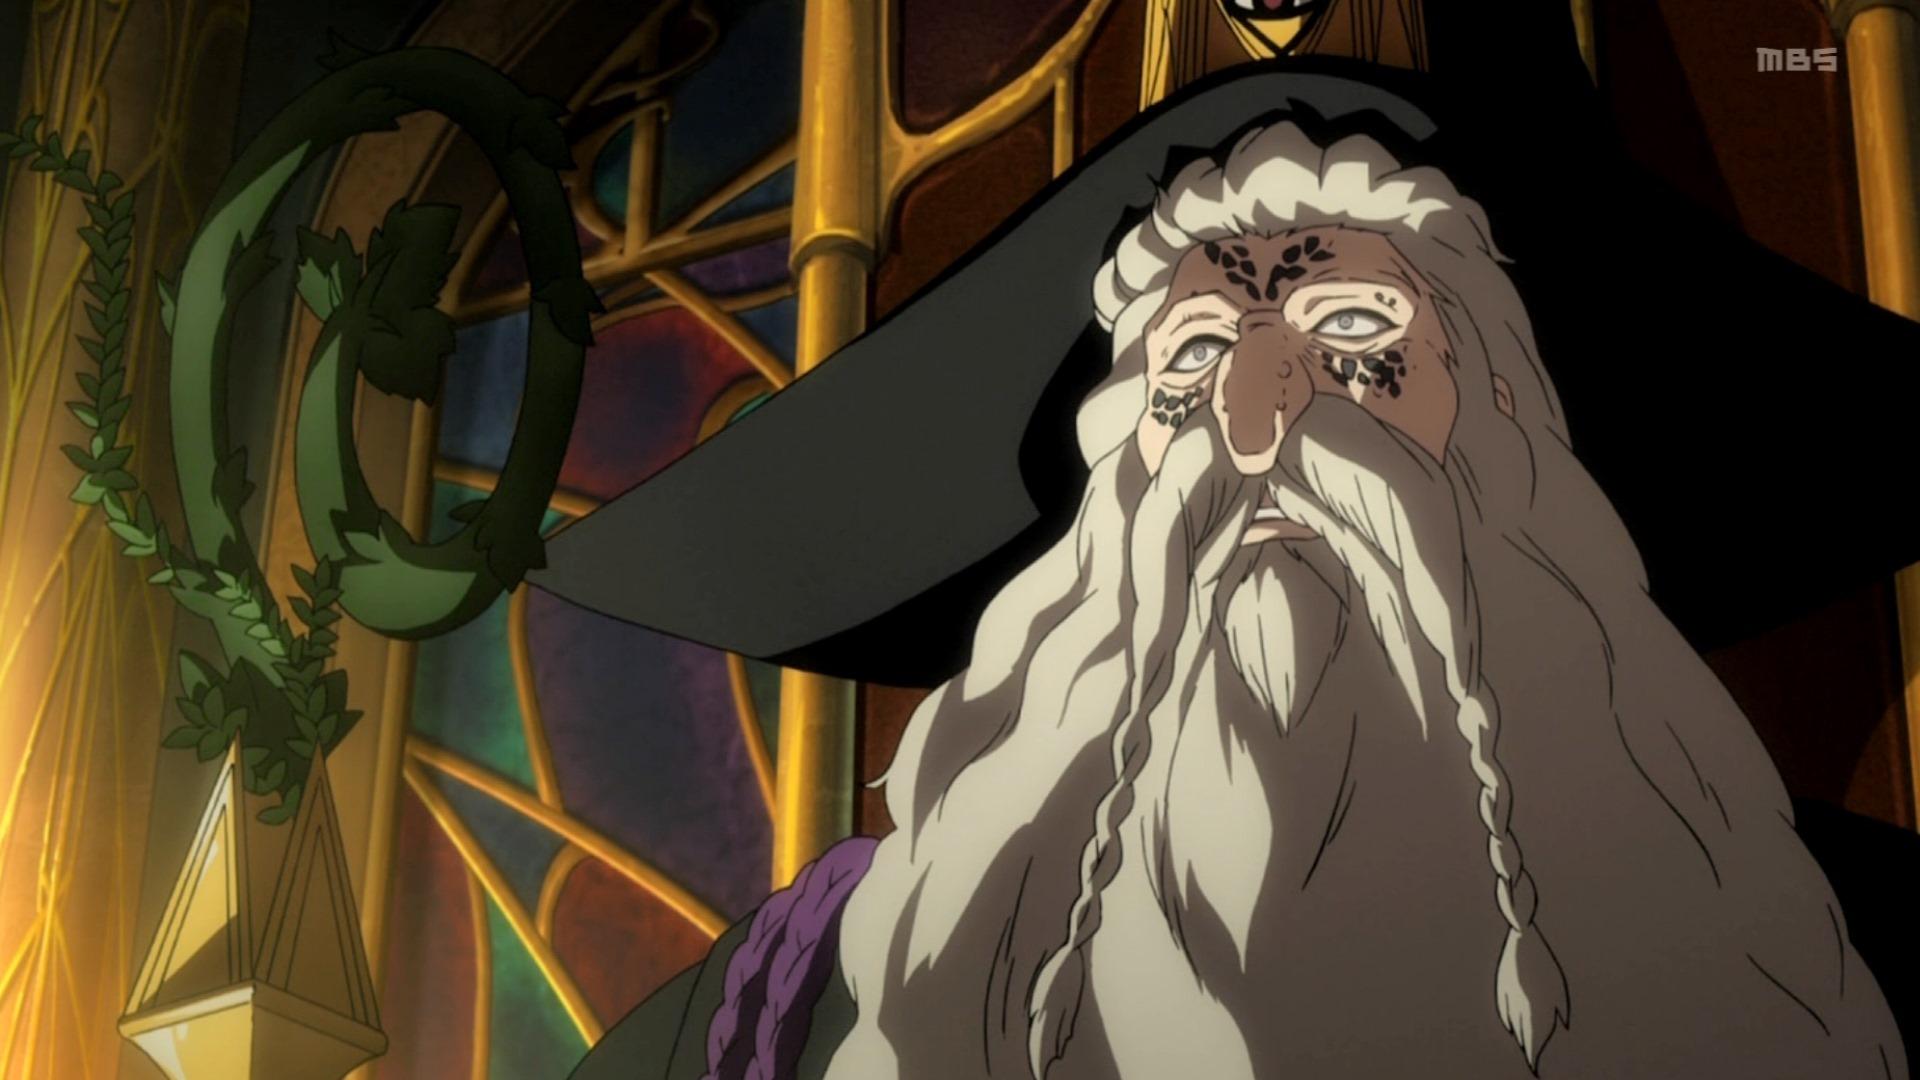 Маги: Королевство магии, кадр № 2